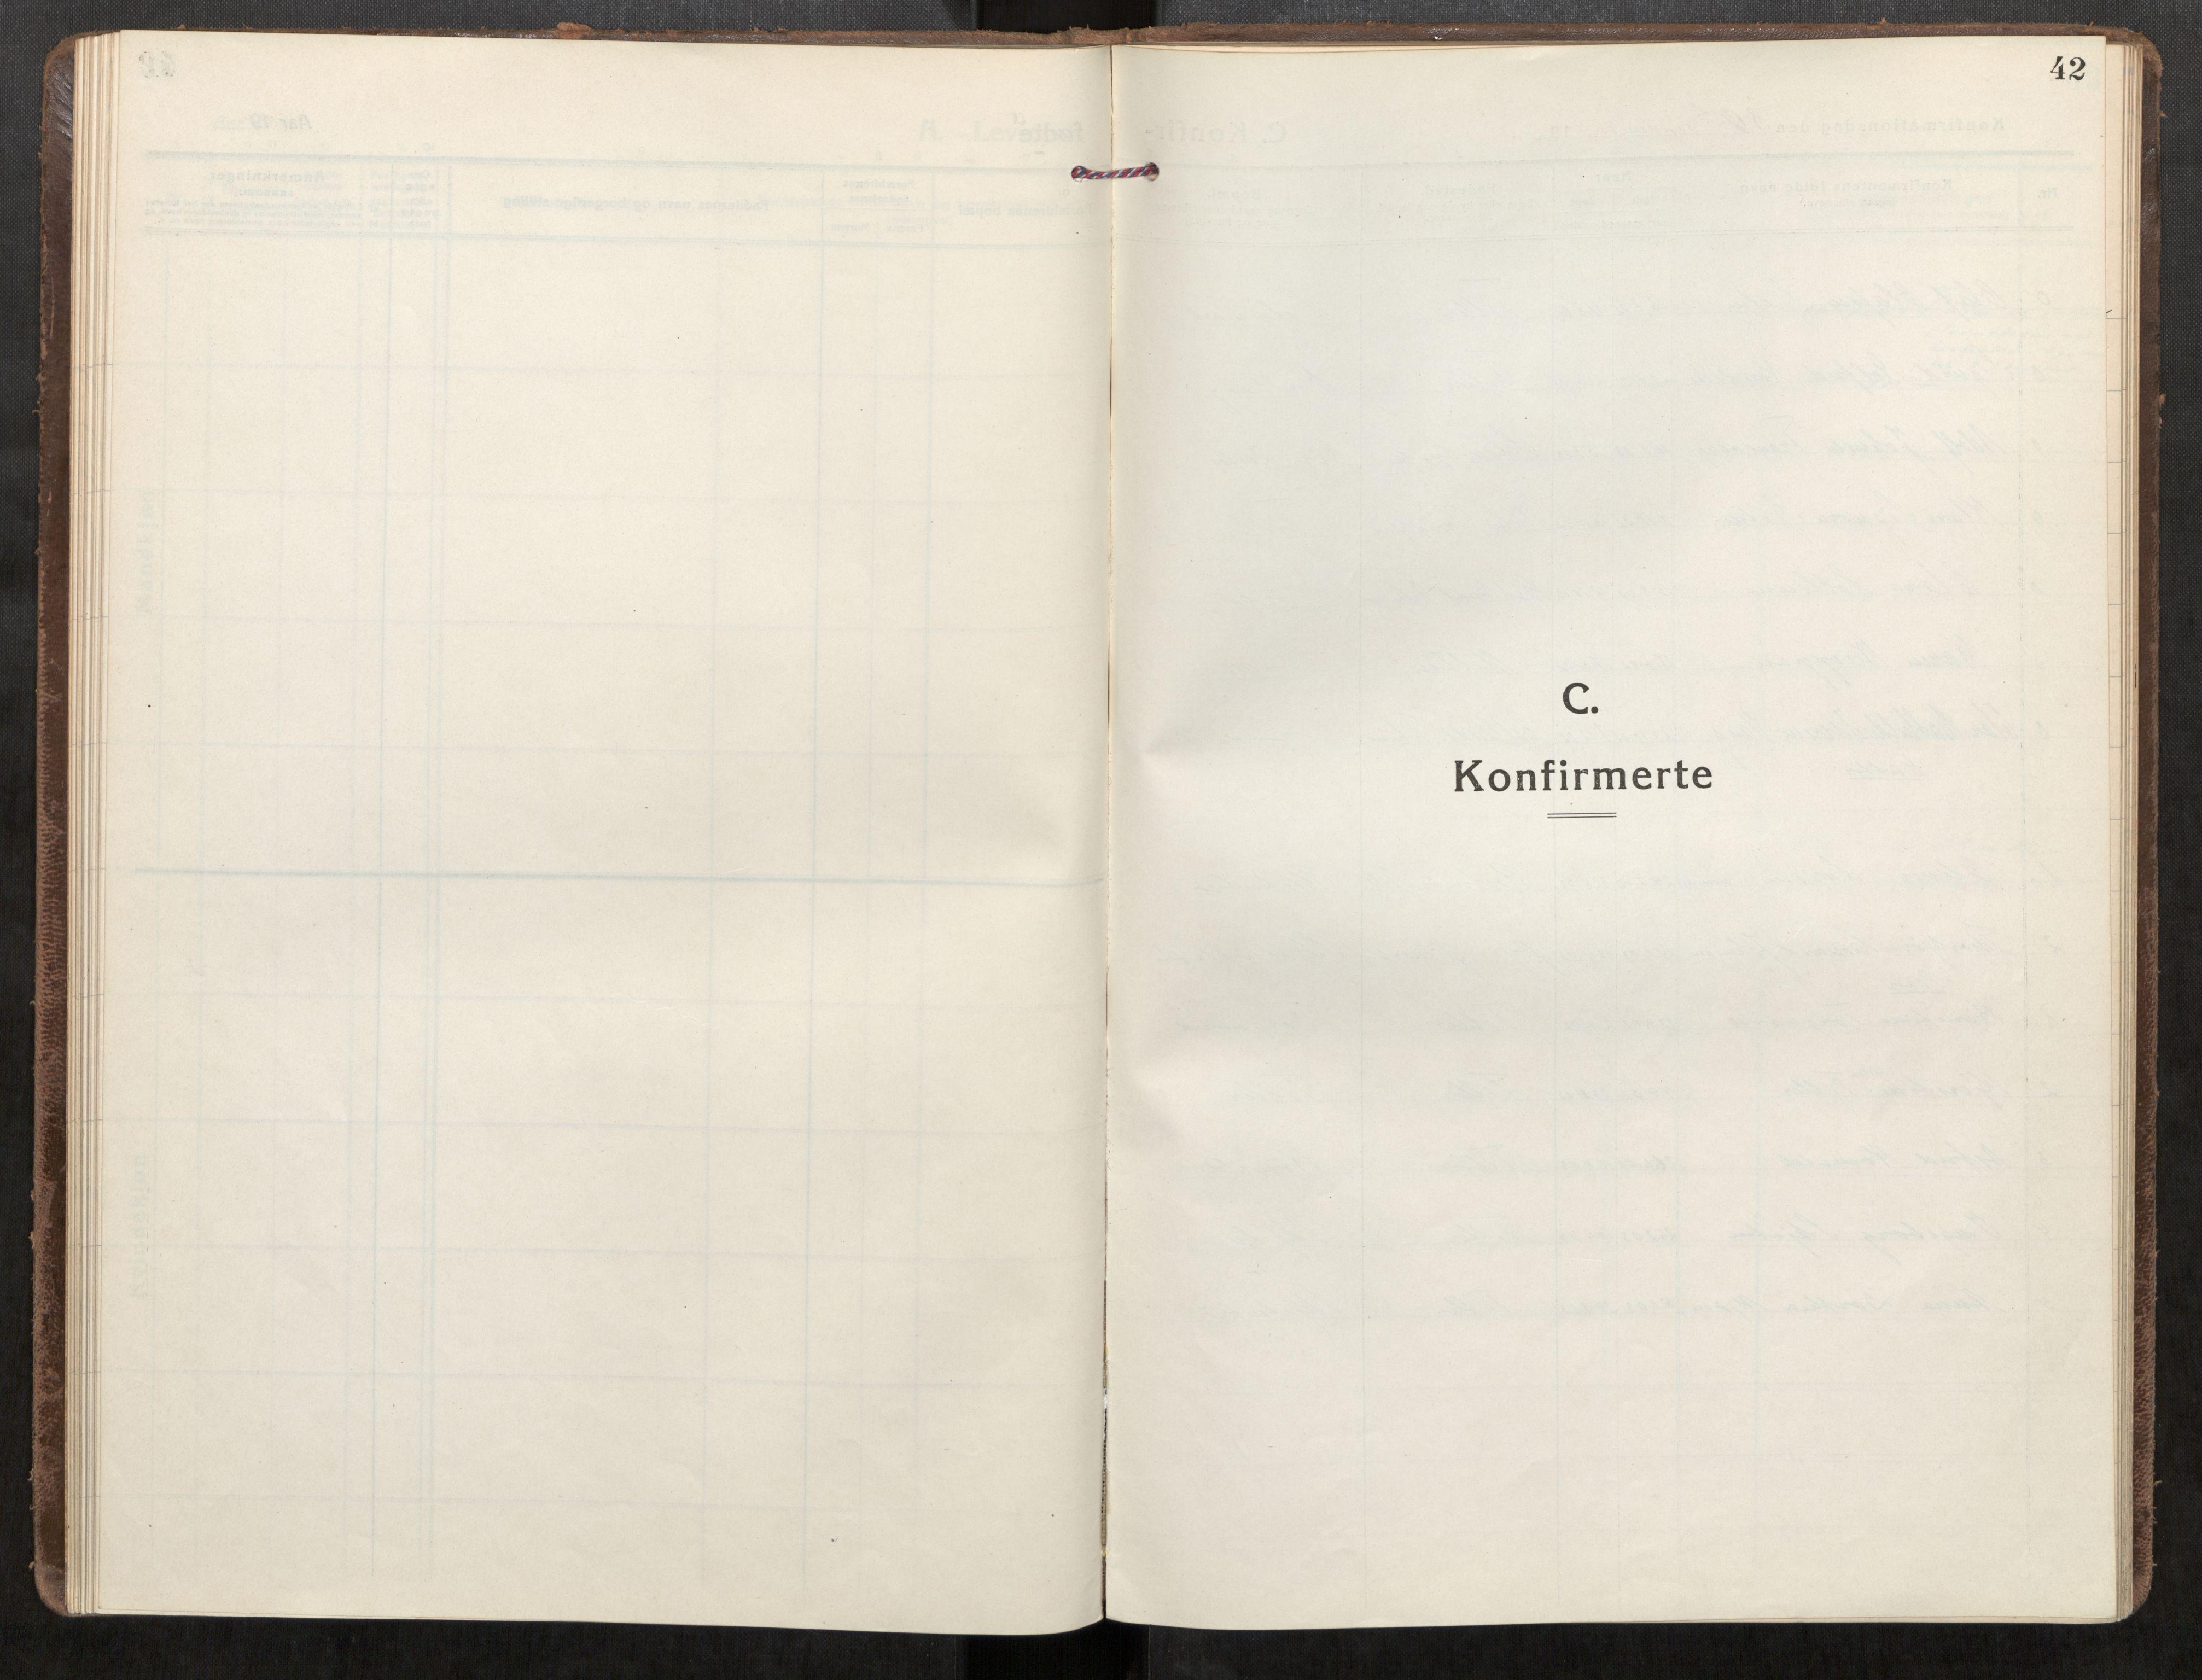 SAT, Klæbu sokneprestkontor, Parish register (official) no. 3, 1917-1924, p. 42